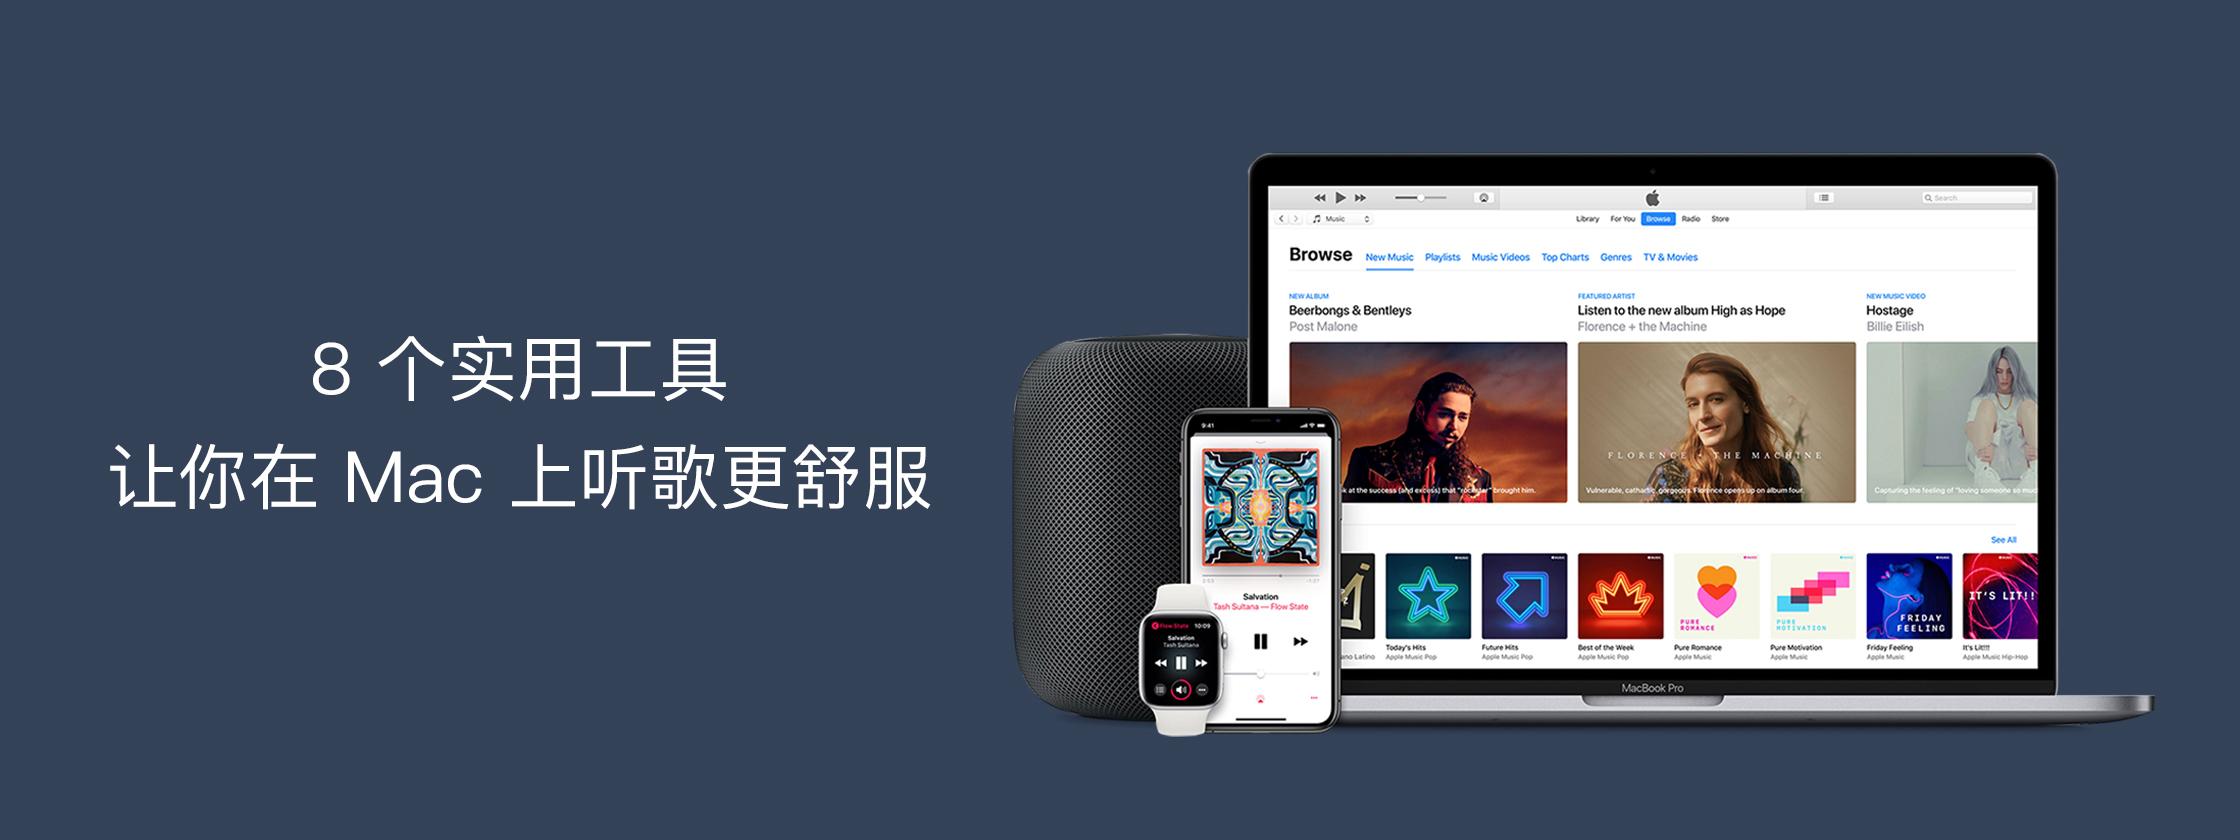 8 个实用工具,让你在 Mac 上听歌更舒服